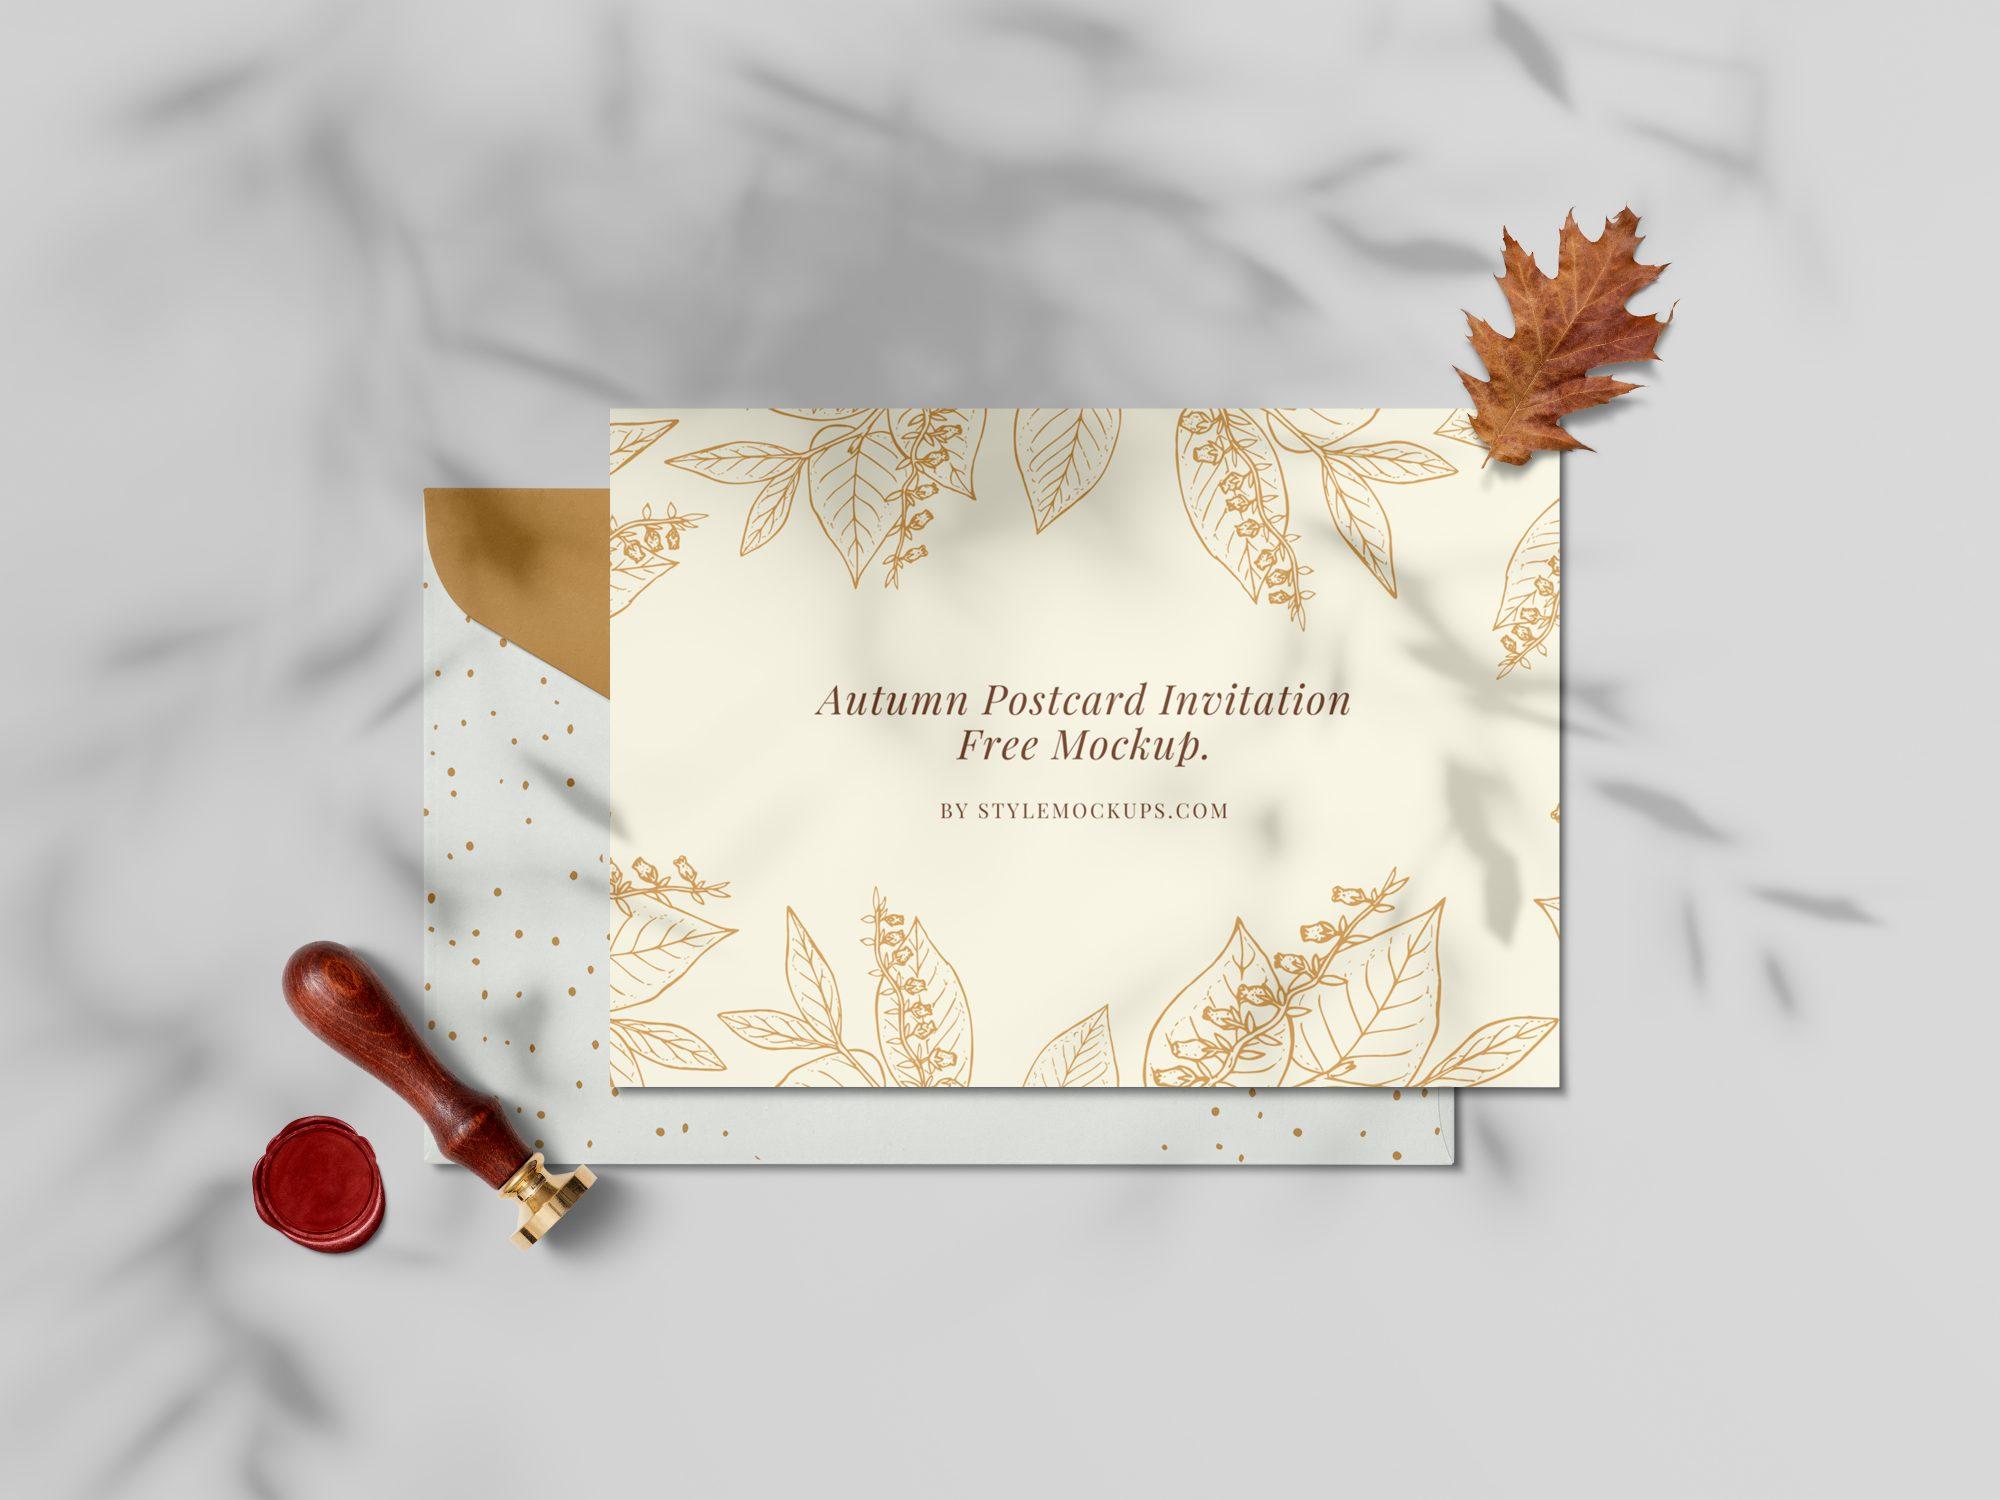 Free Autumn Postcard Invitation Mockup